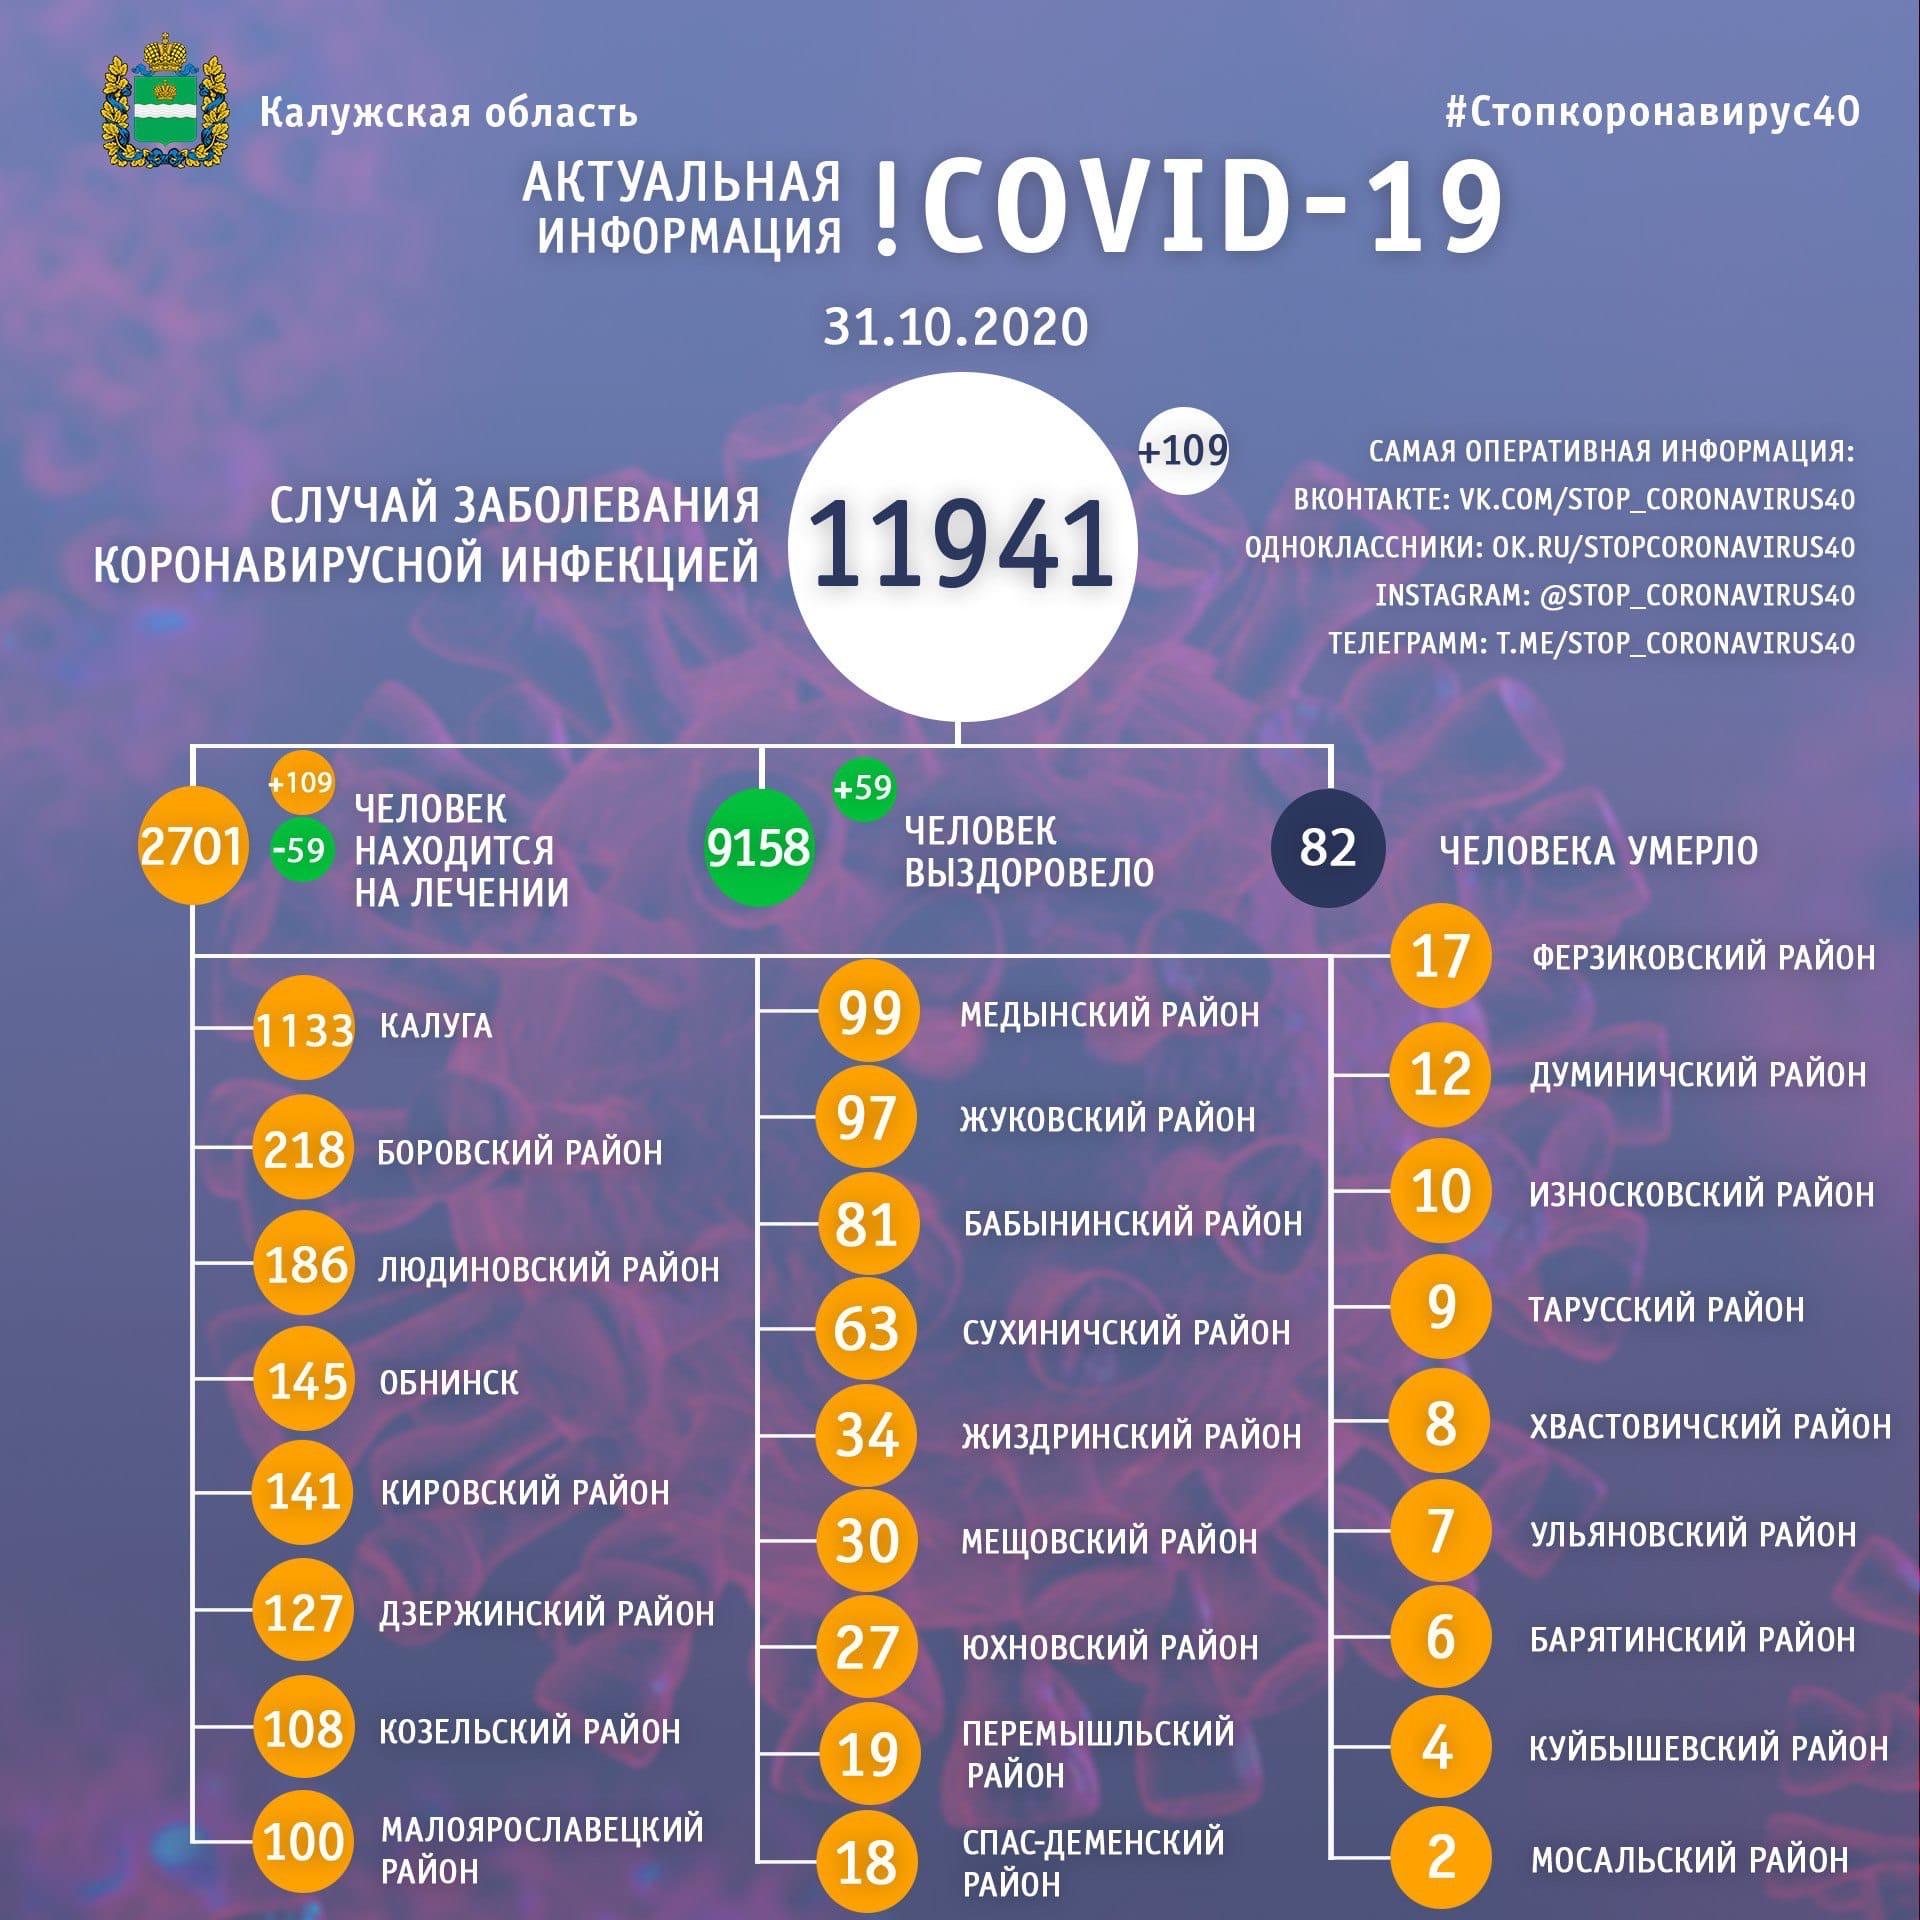 Официальные данные по коронавирусу в Калужской области на 31 октября 2020 года.